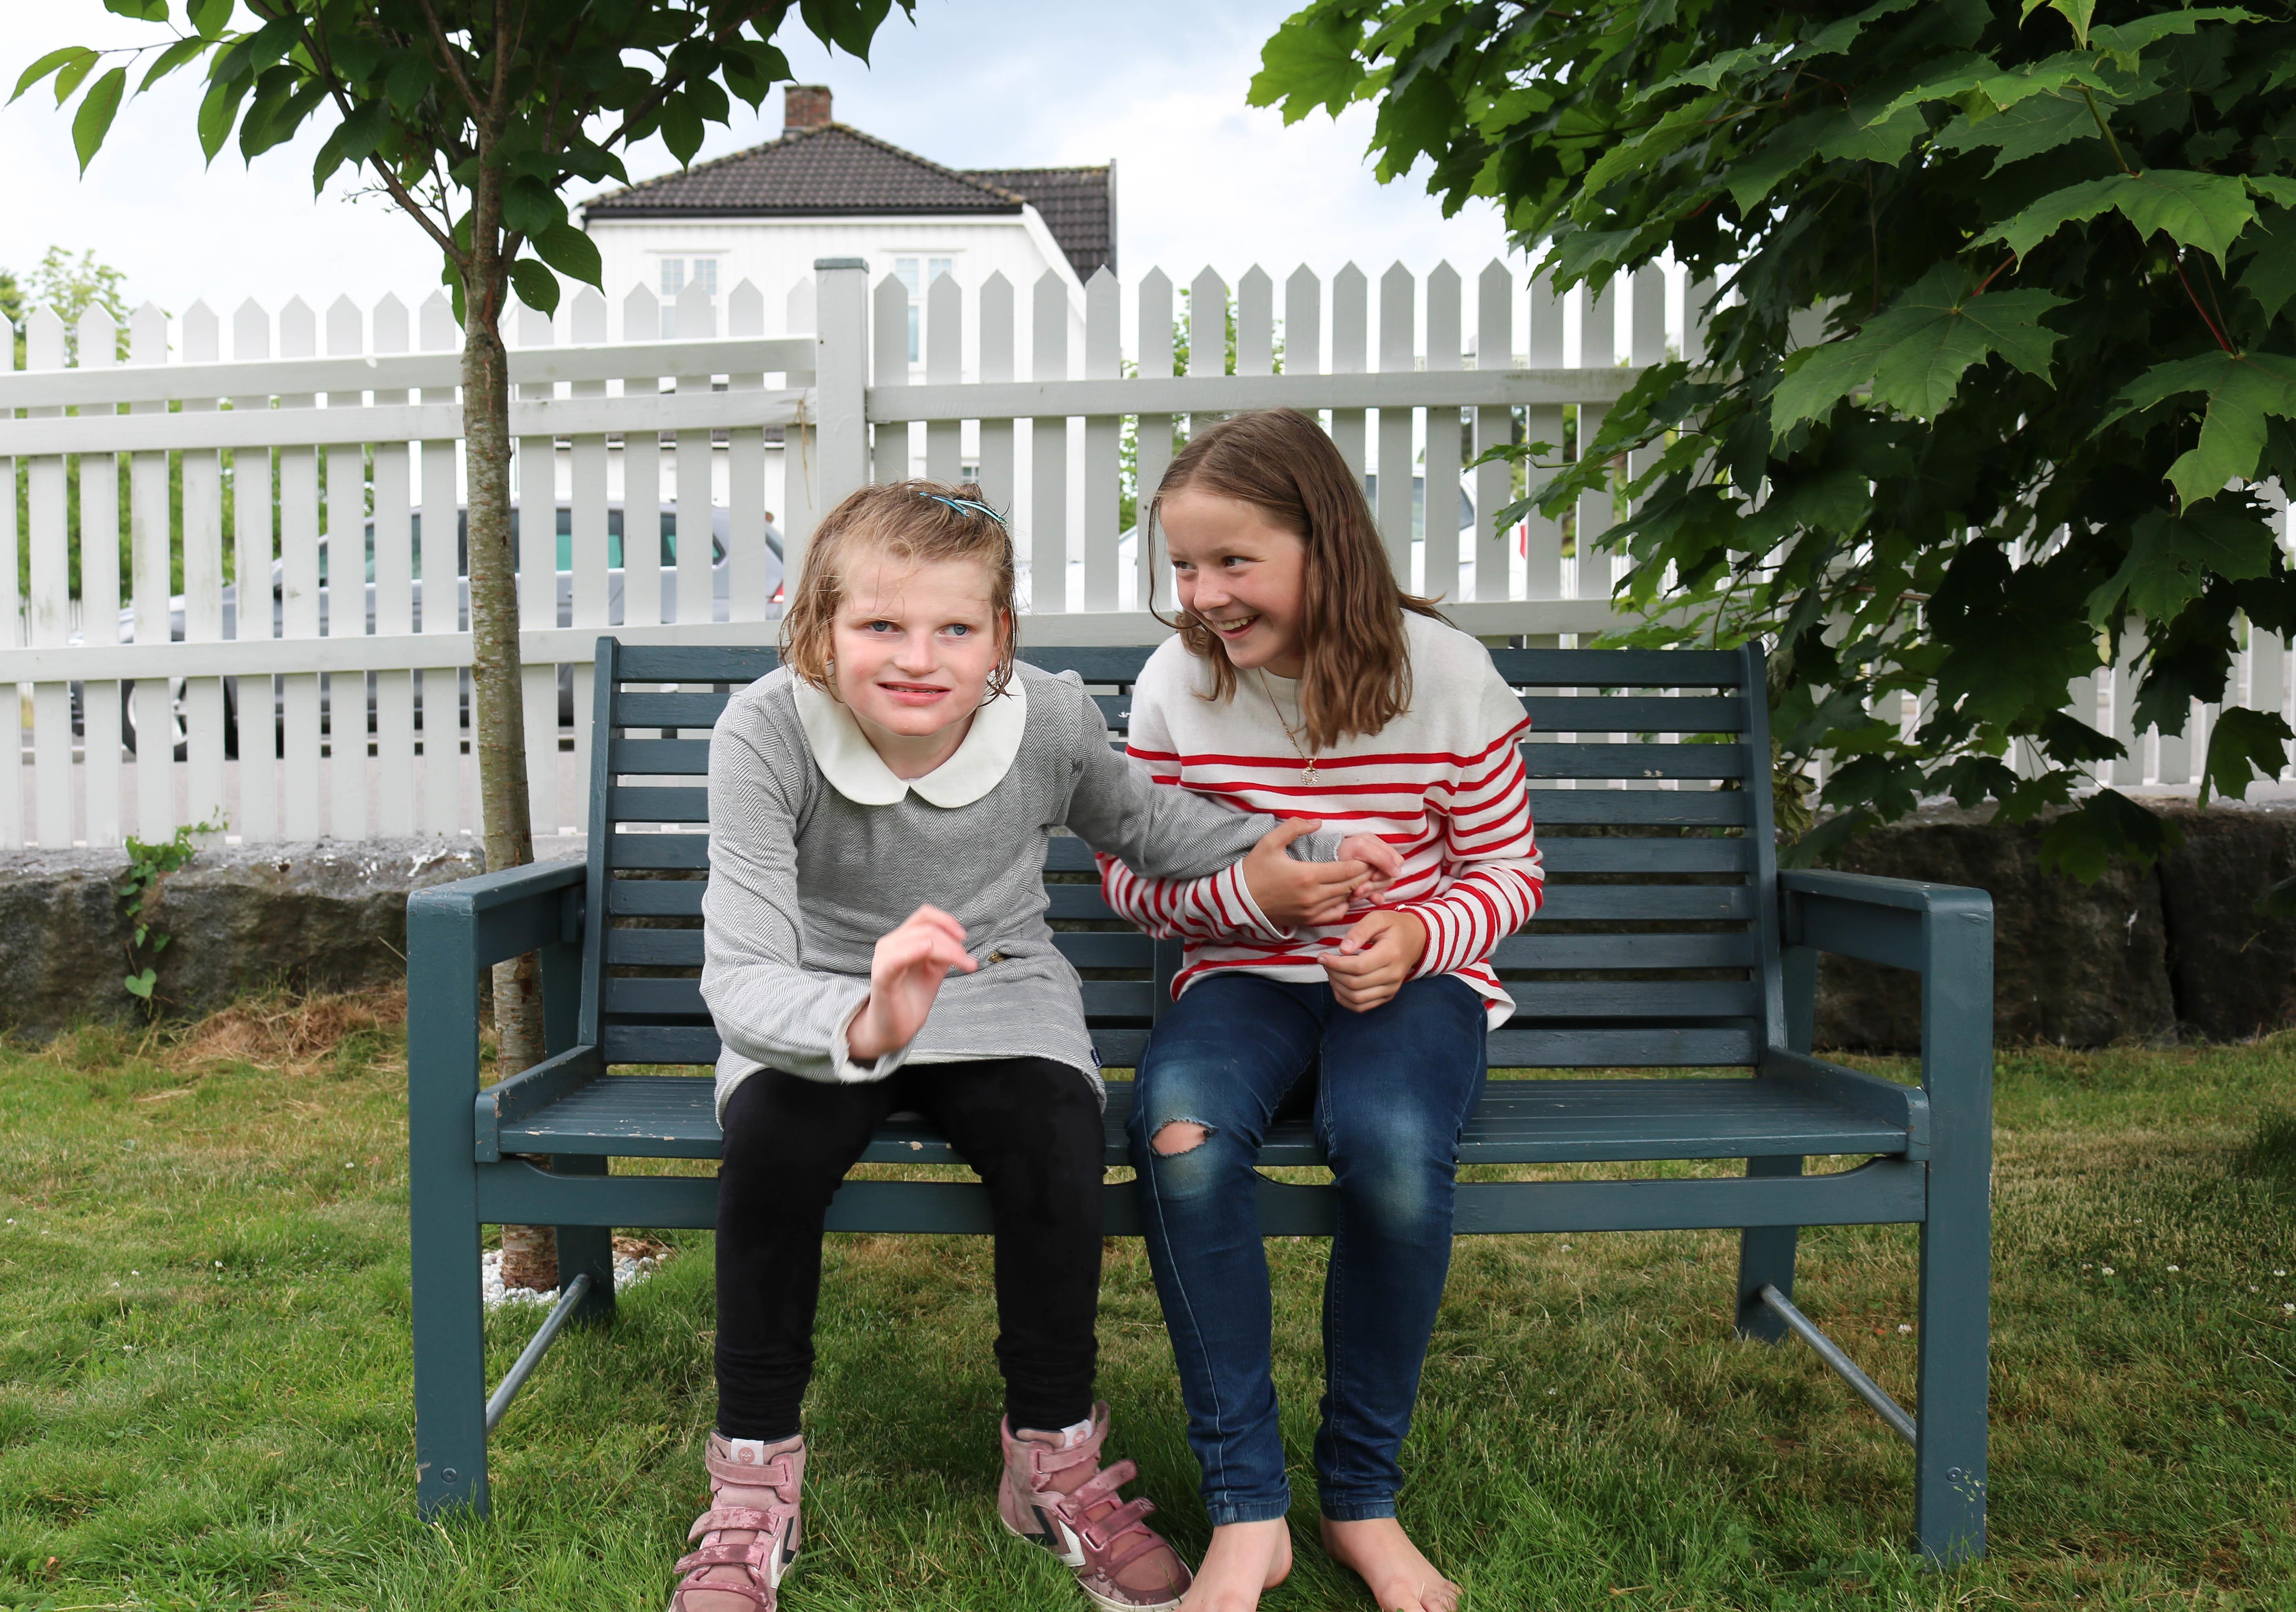 To søstre på en benk i en sommerhage. De smiler begge to, hun til venstre er i ferd med å reise seg.